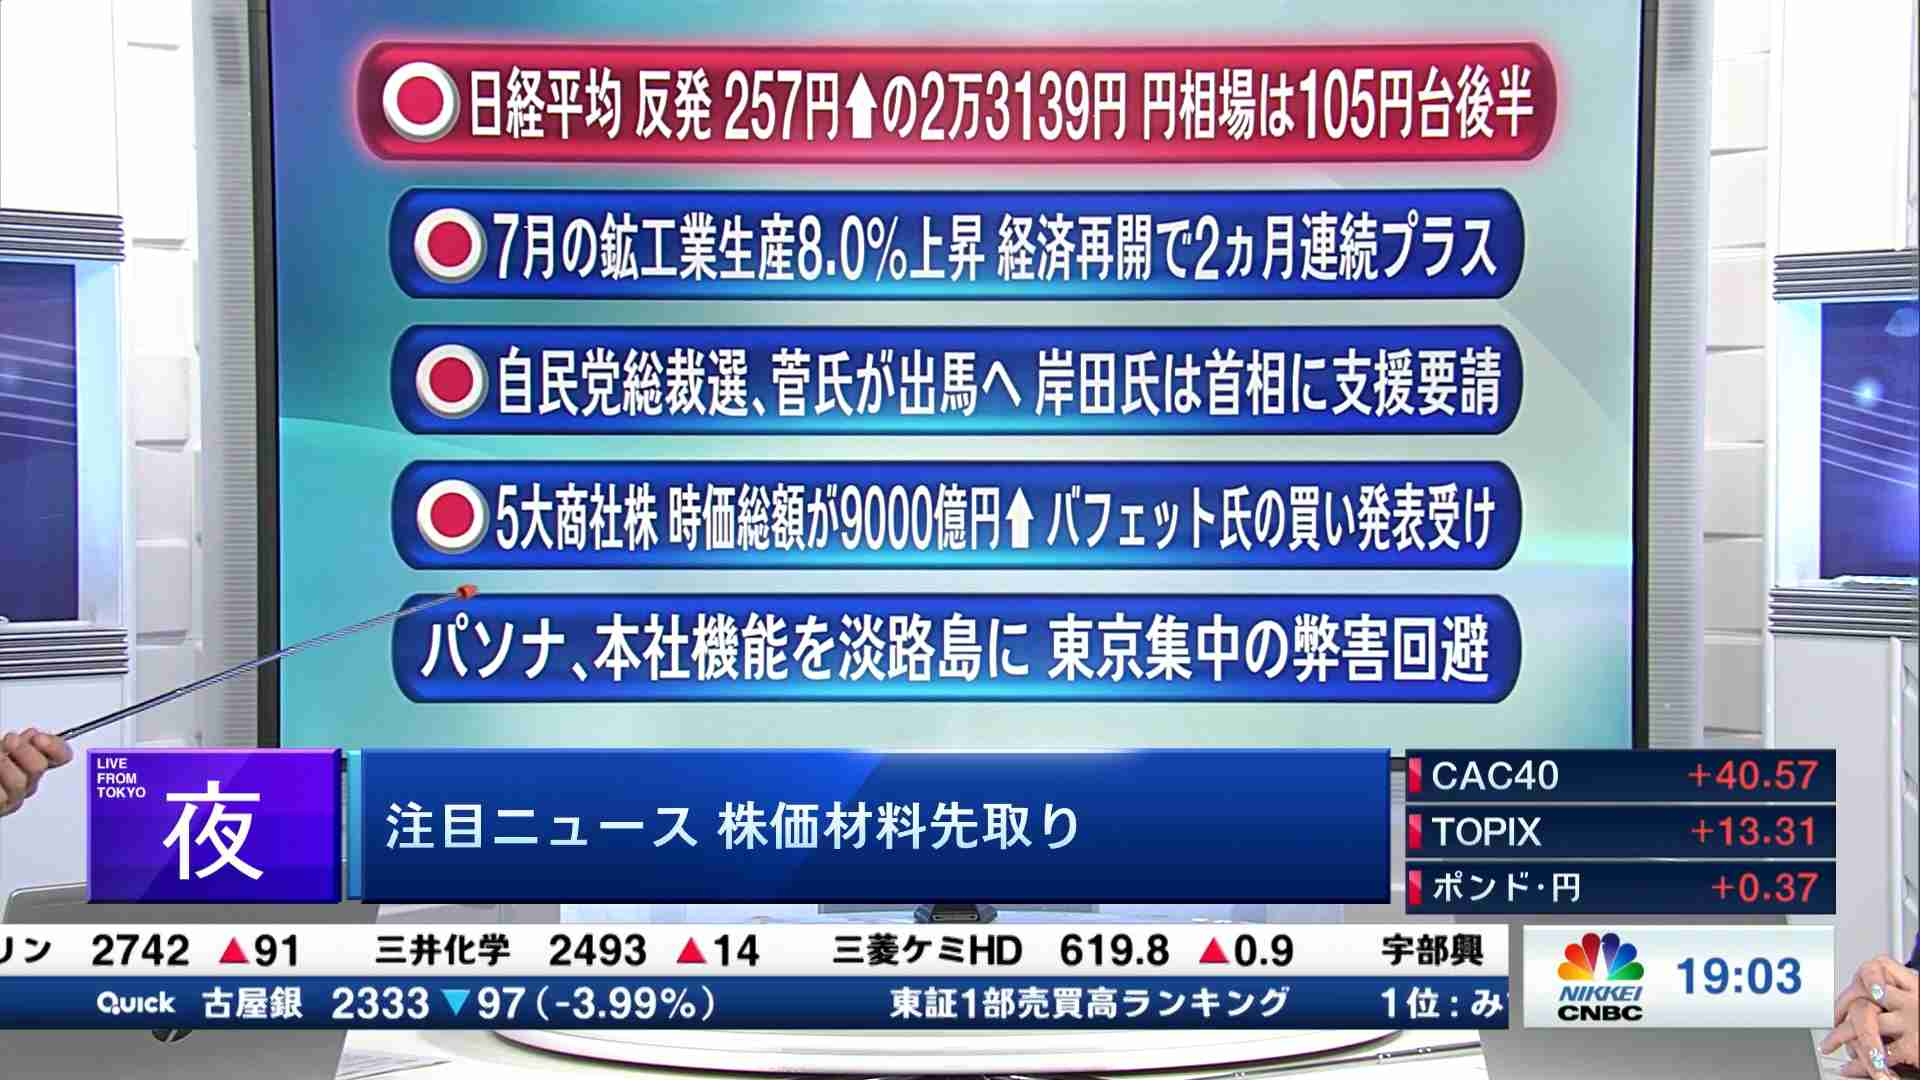 化学 株価 三井